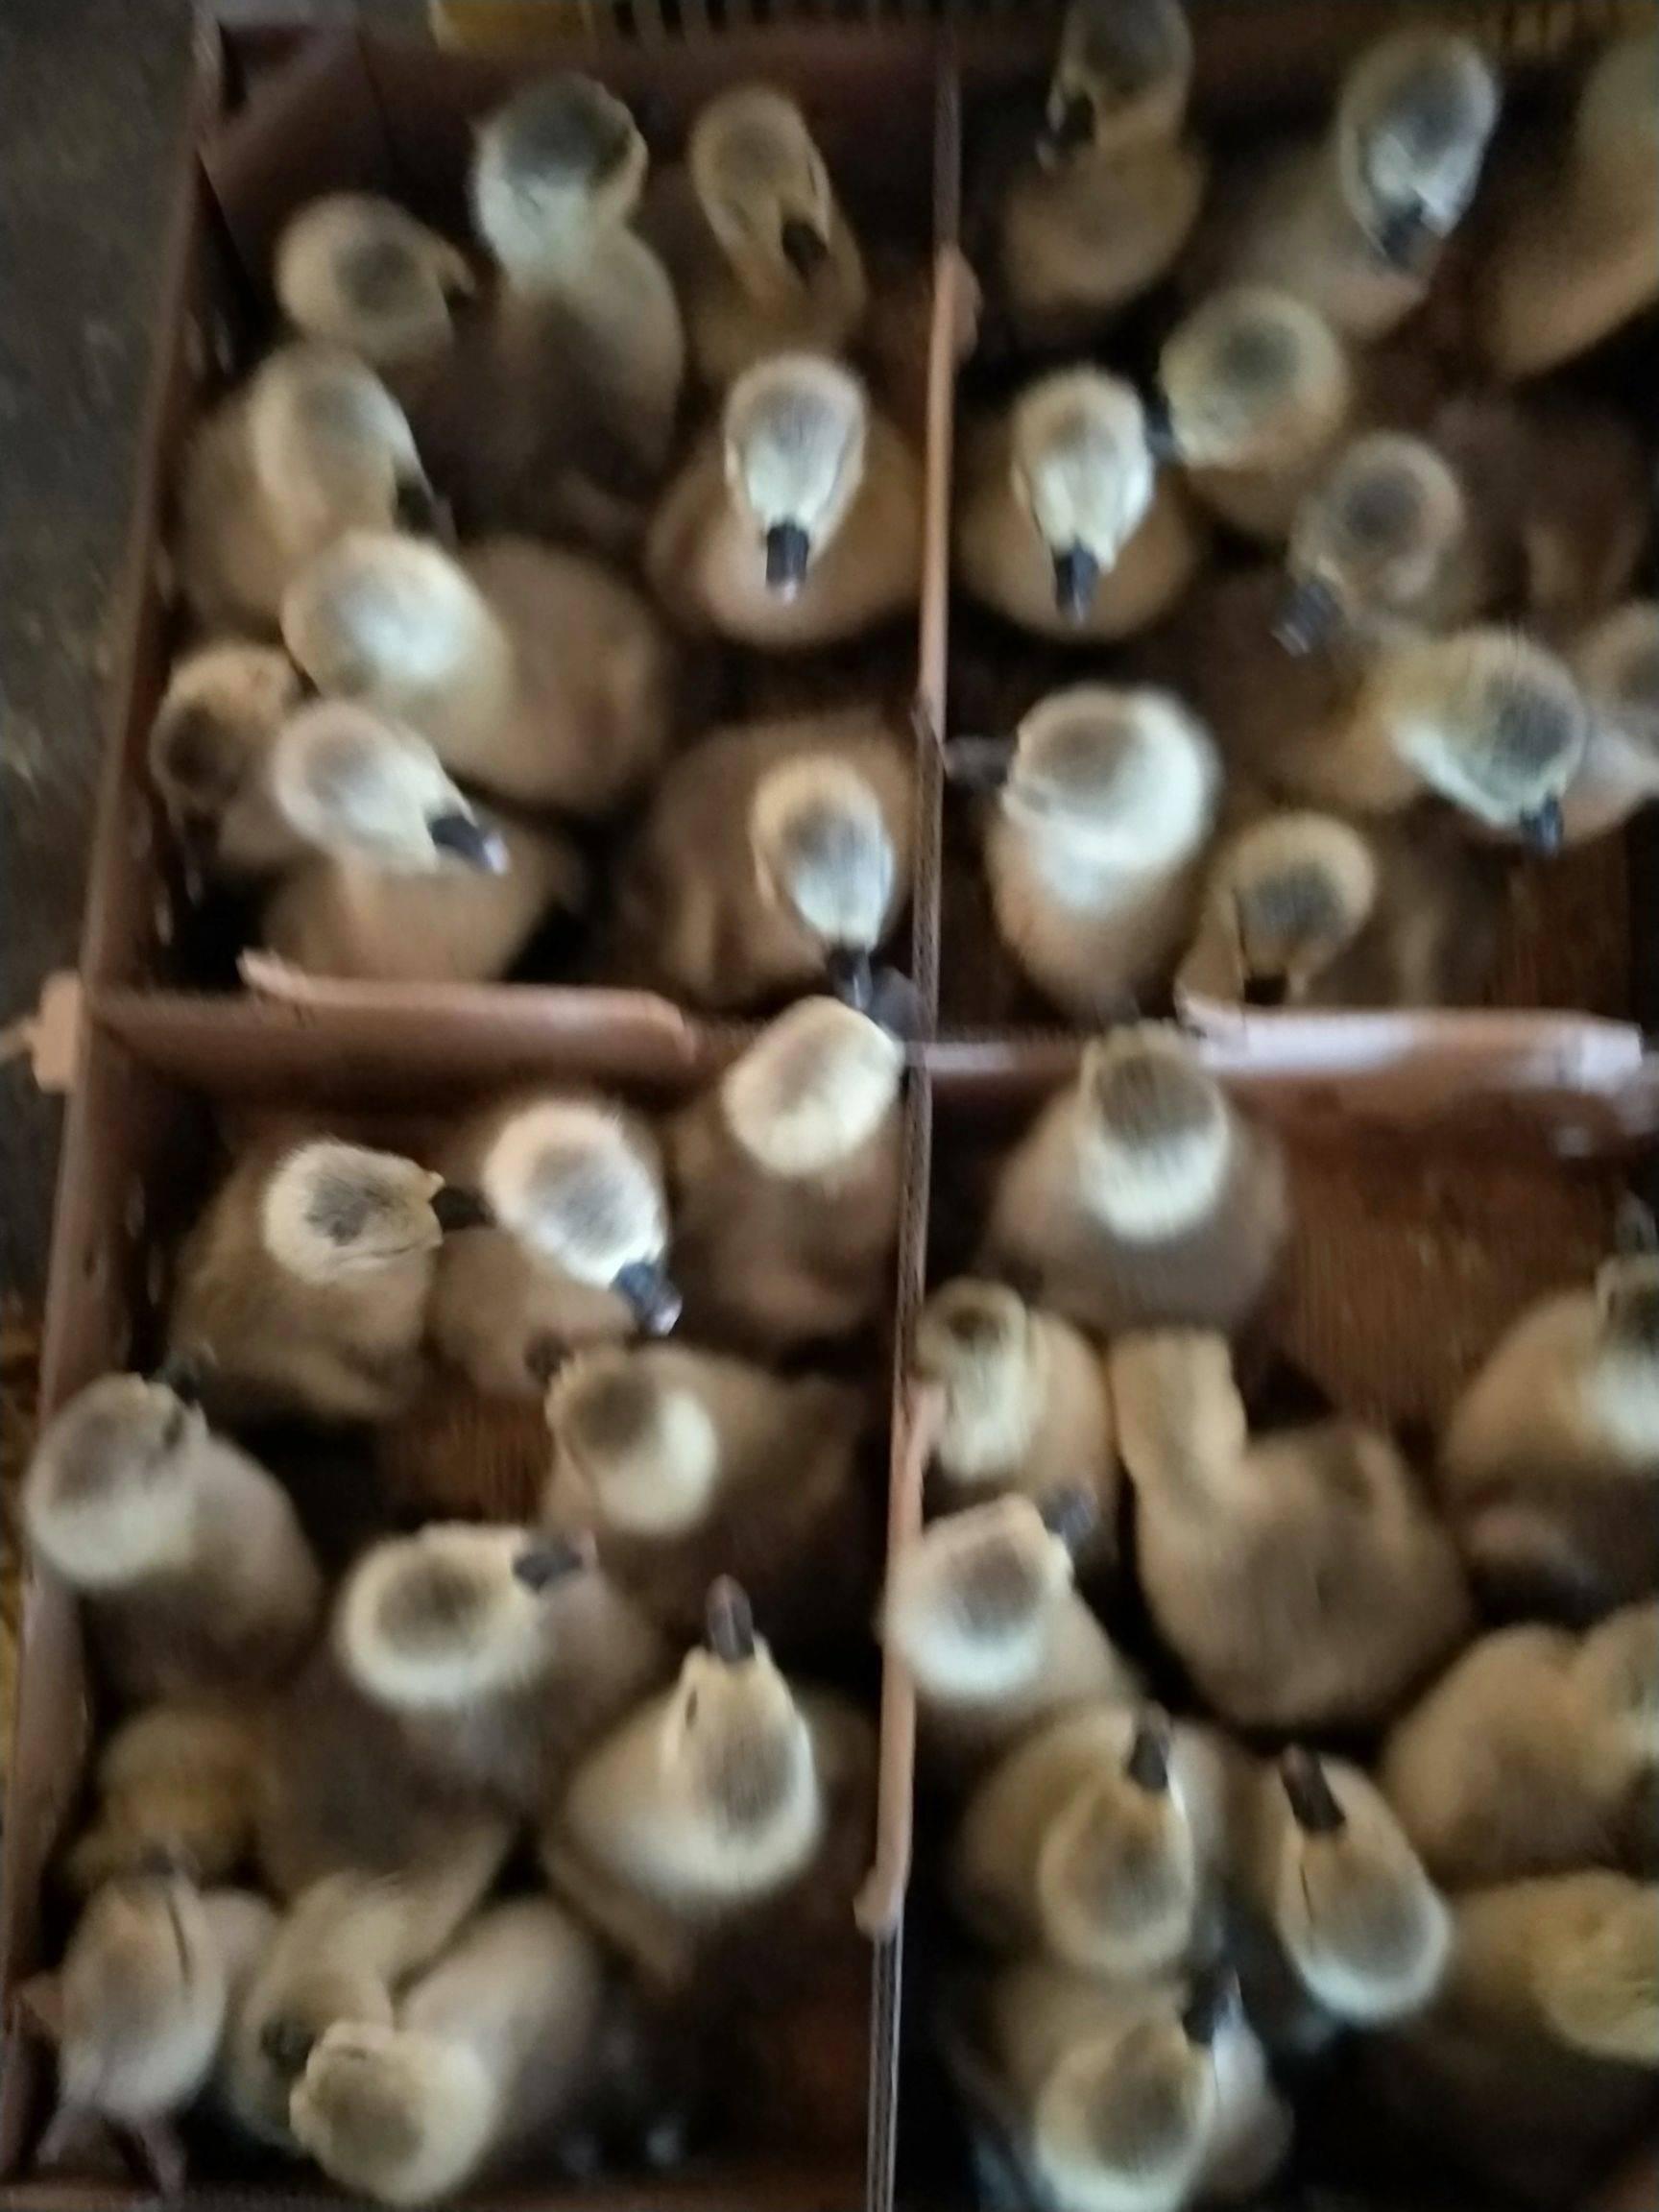 [狮头鹅批发]狮头鹅 12斤以上 统货 半圈养半散养价格50元/只